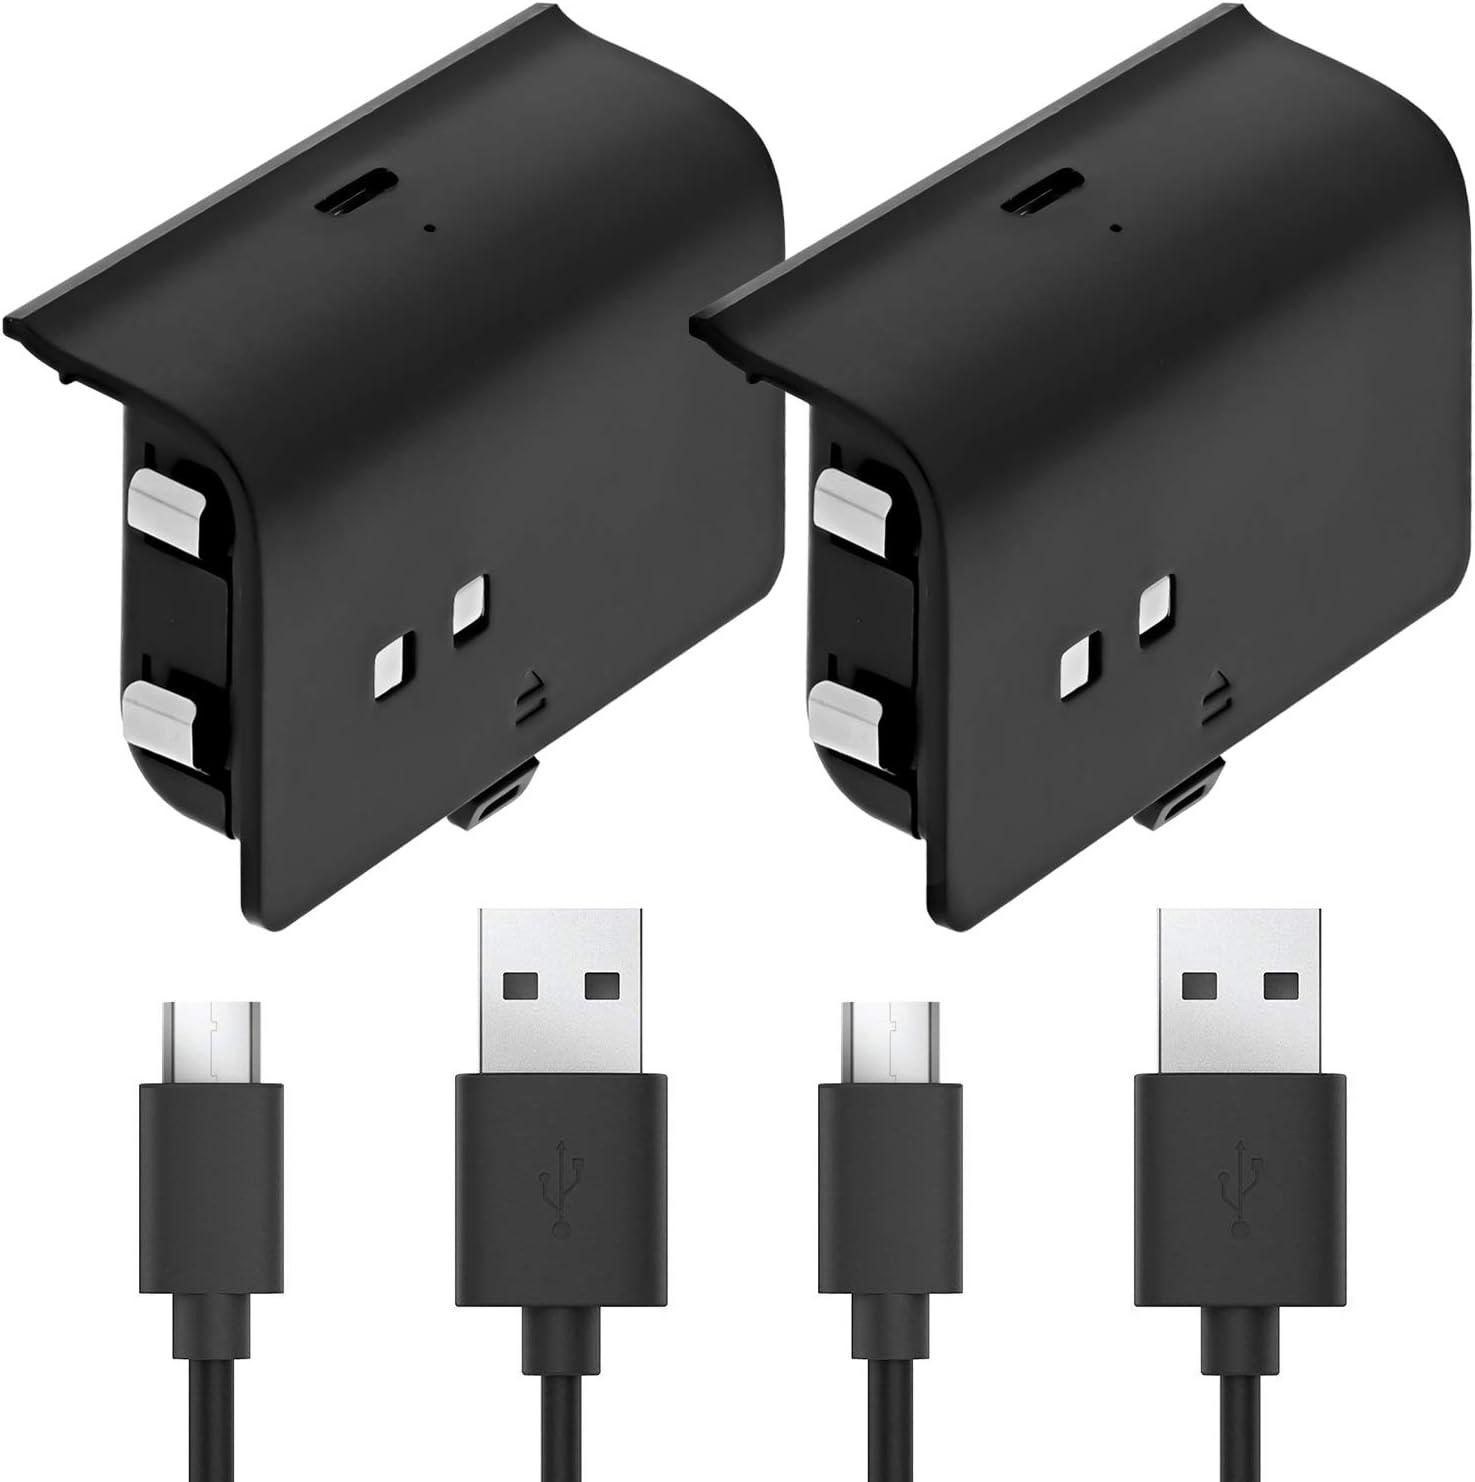 Fosmon Cargador de Batería Recargable Compatible con Mando Xbox One/One S/ One X/Elite (Paquete de 2), Con Cable Micro USB Compatible con Fosmon Cargador C-10659 / C-10709 / C-10738 / C-10751: Amazon.es: Electrónica